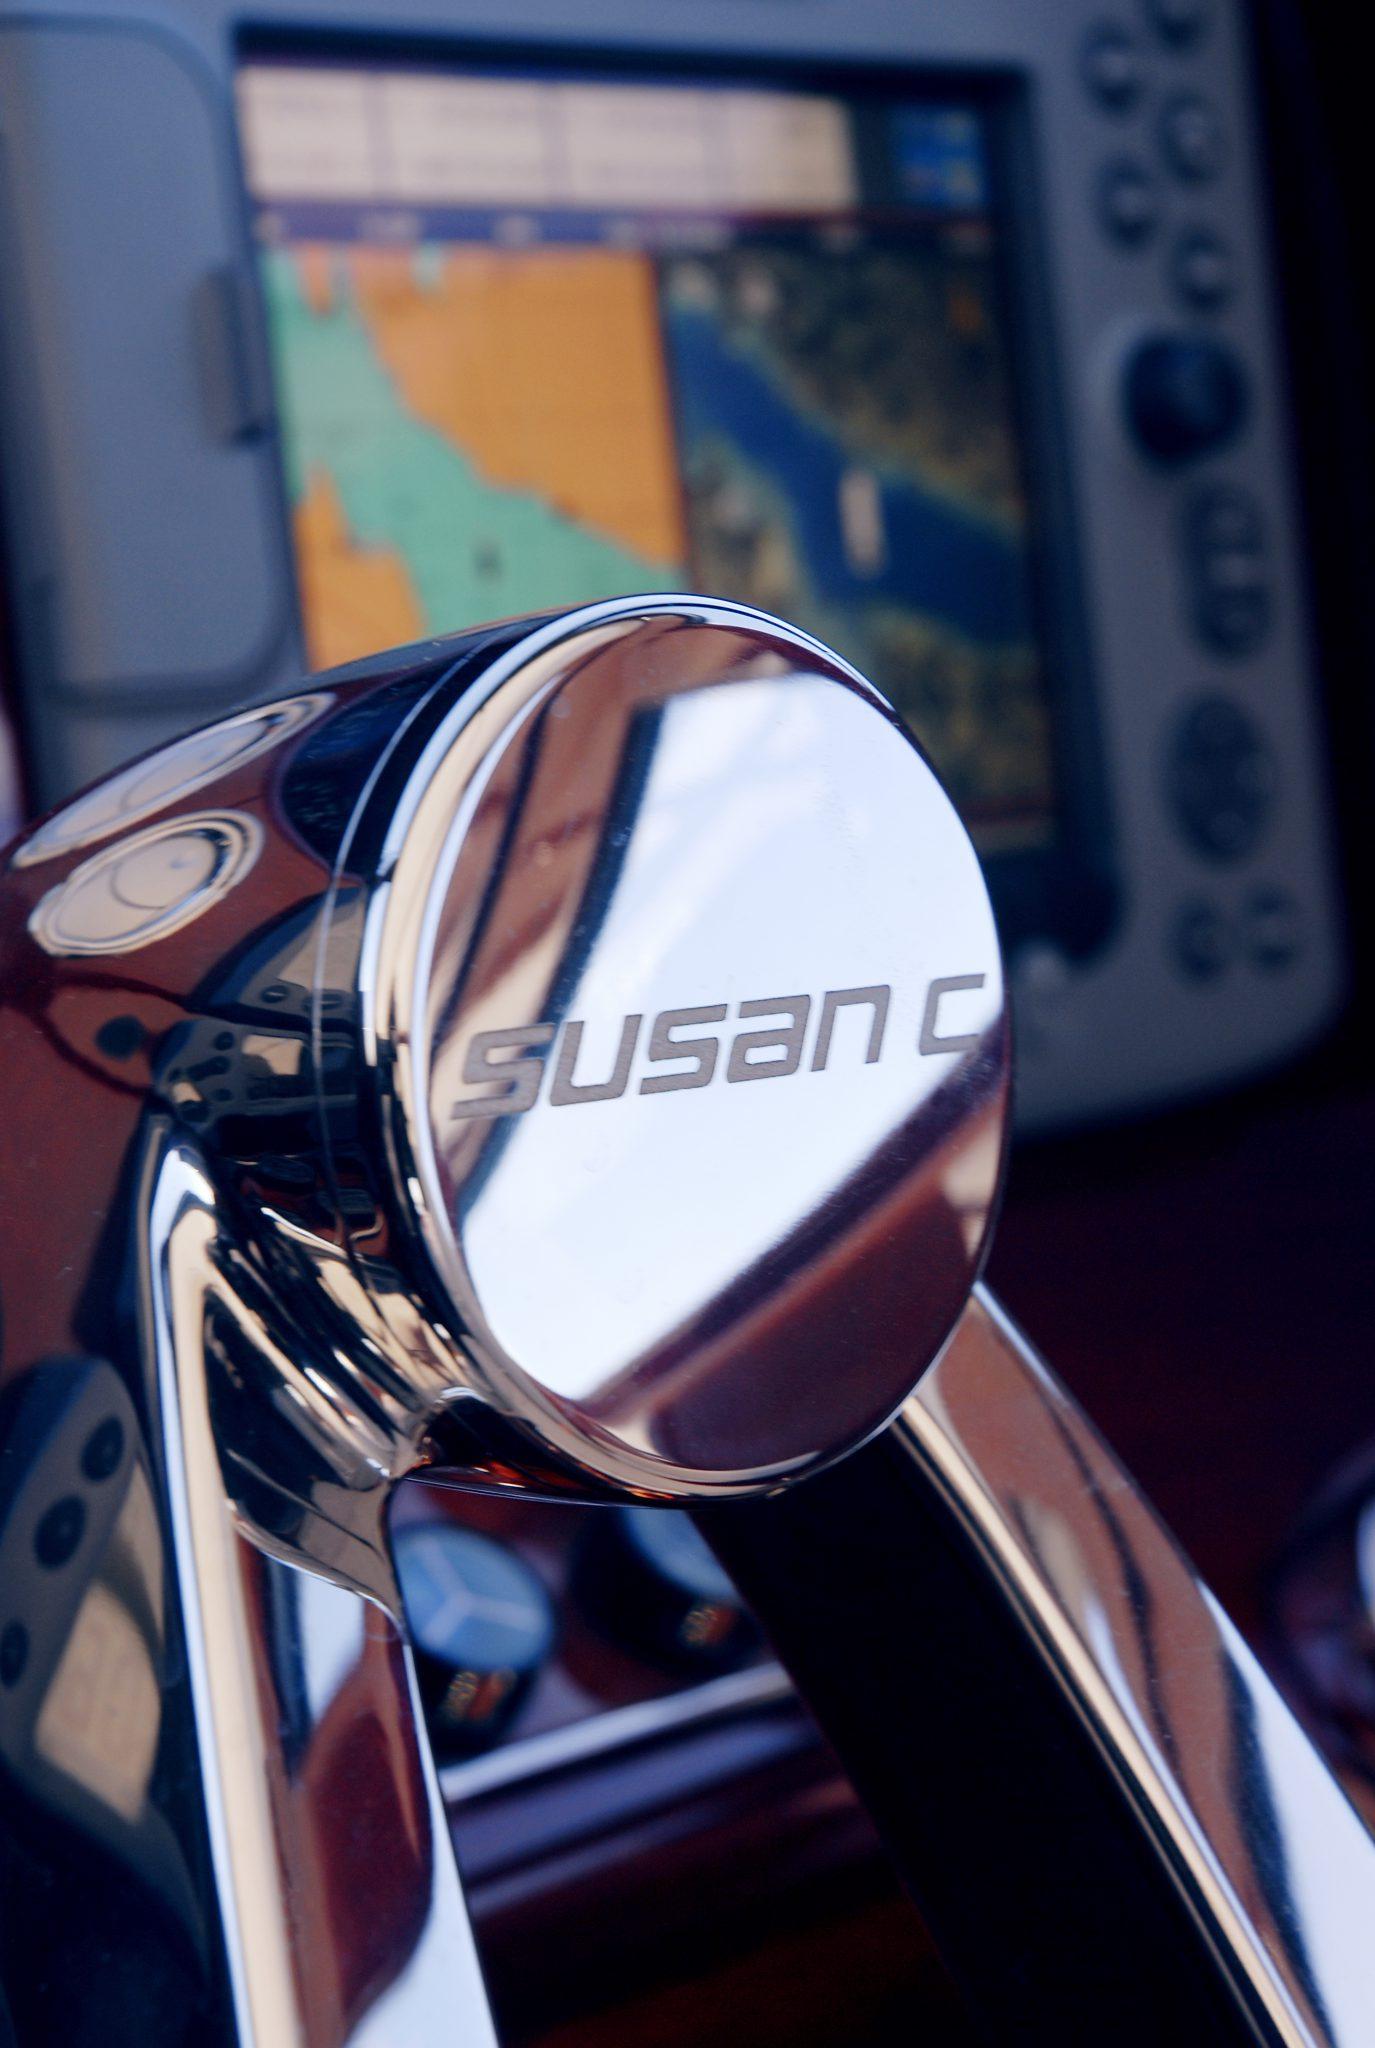 Custom stainless steel steering wheel accents